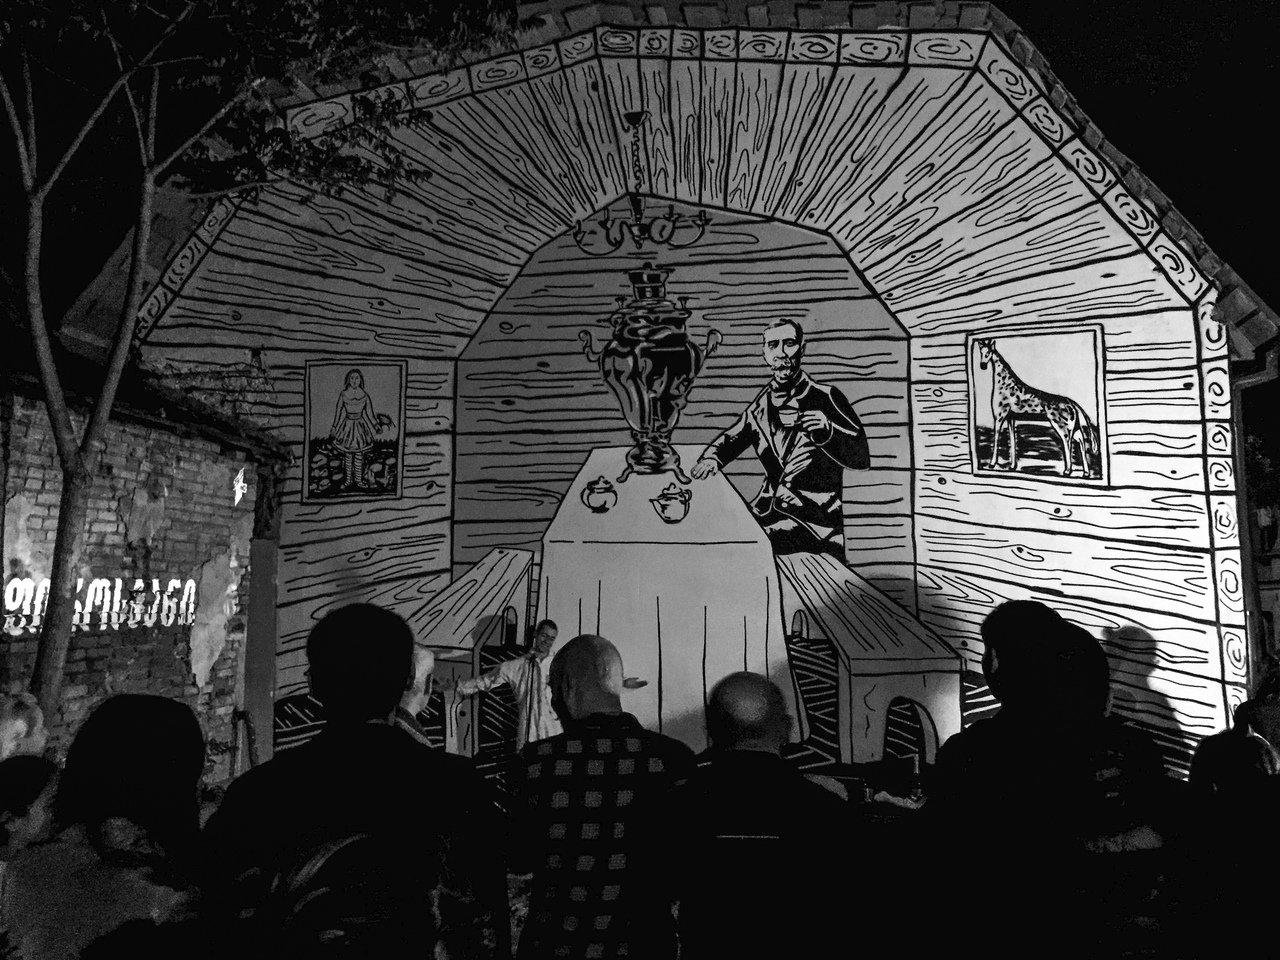 Стрит-арт художник из Алматы нарисовал Пиросмани с самоваром в Тбилиси, фото-1